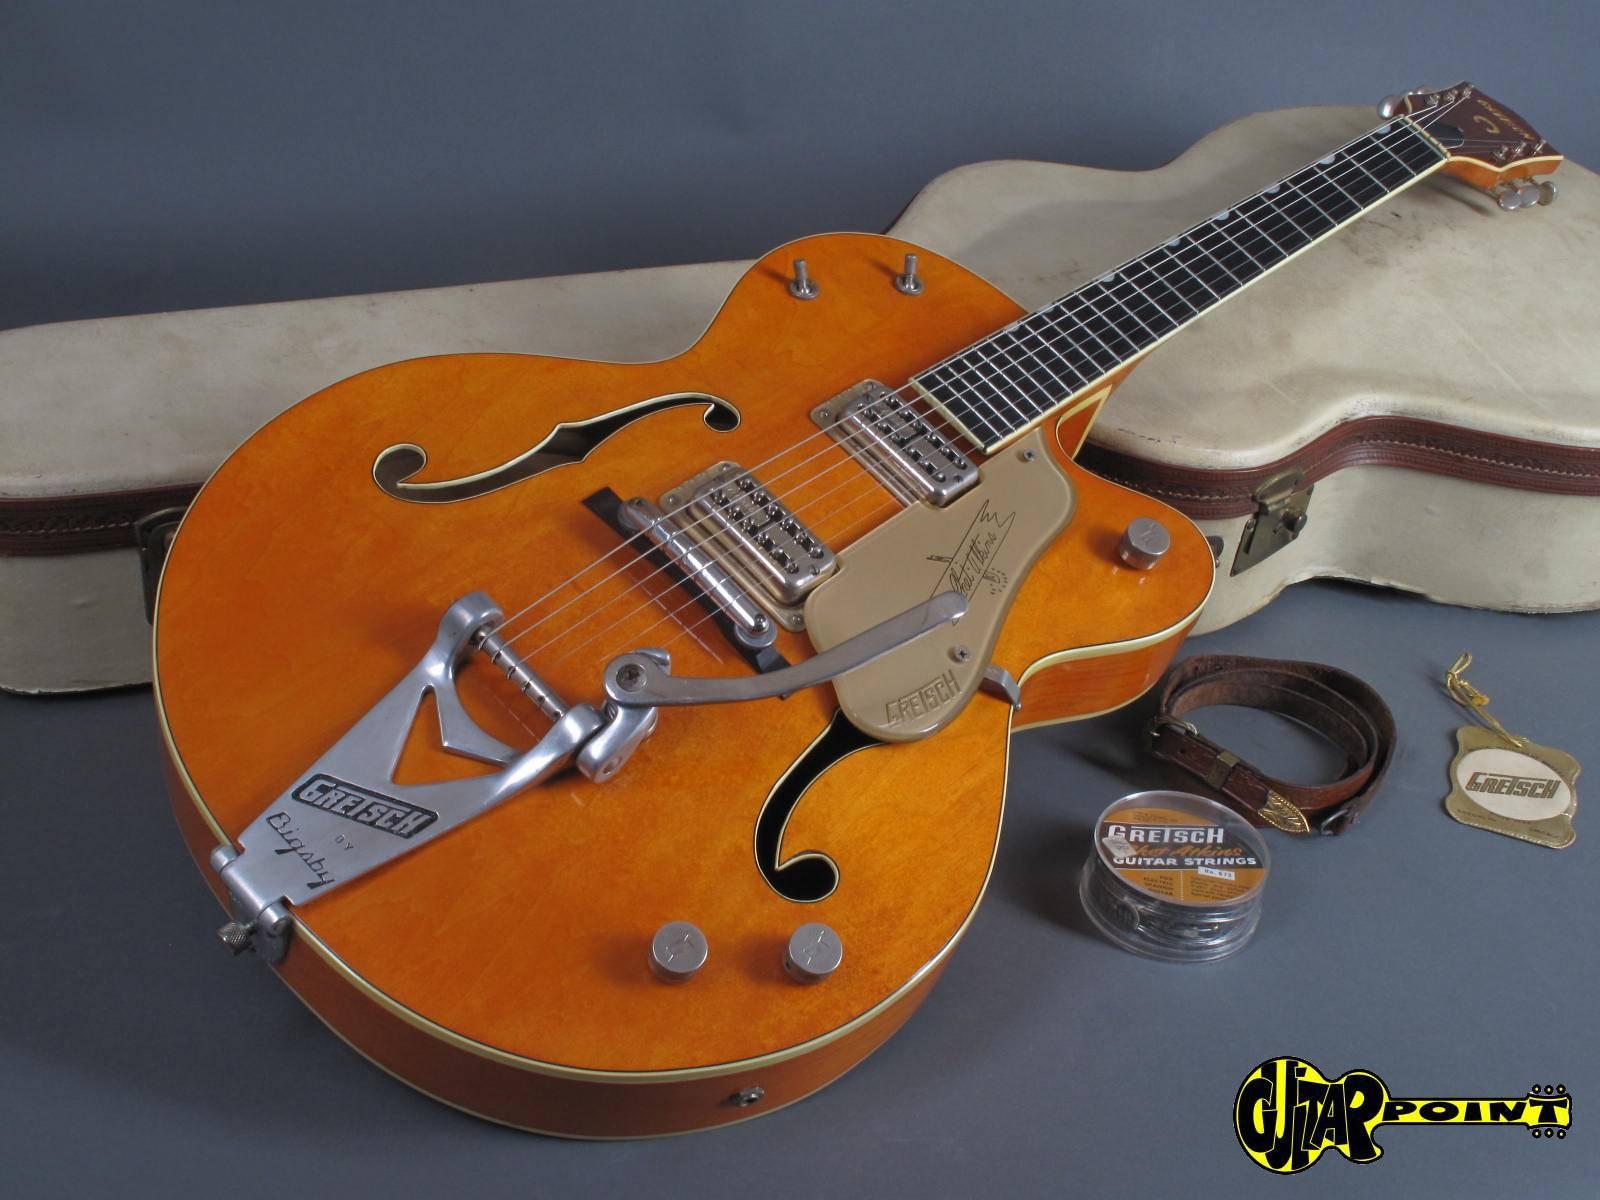 gretsch 6120 chet atkins 1959 orange guitar for sale guitarpoint. Black Bedroom Furniture Sets. Home Design Ideas